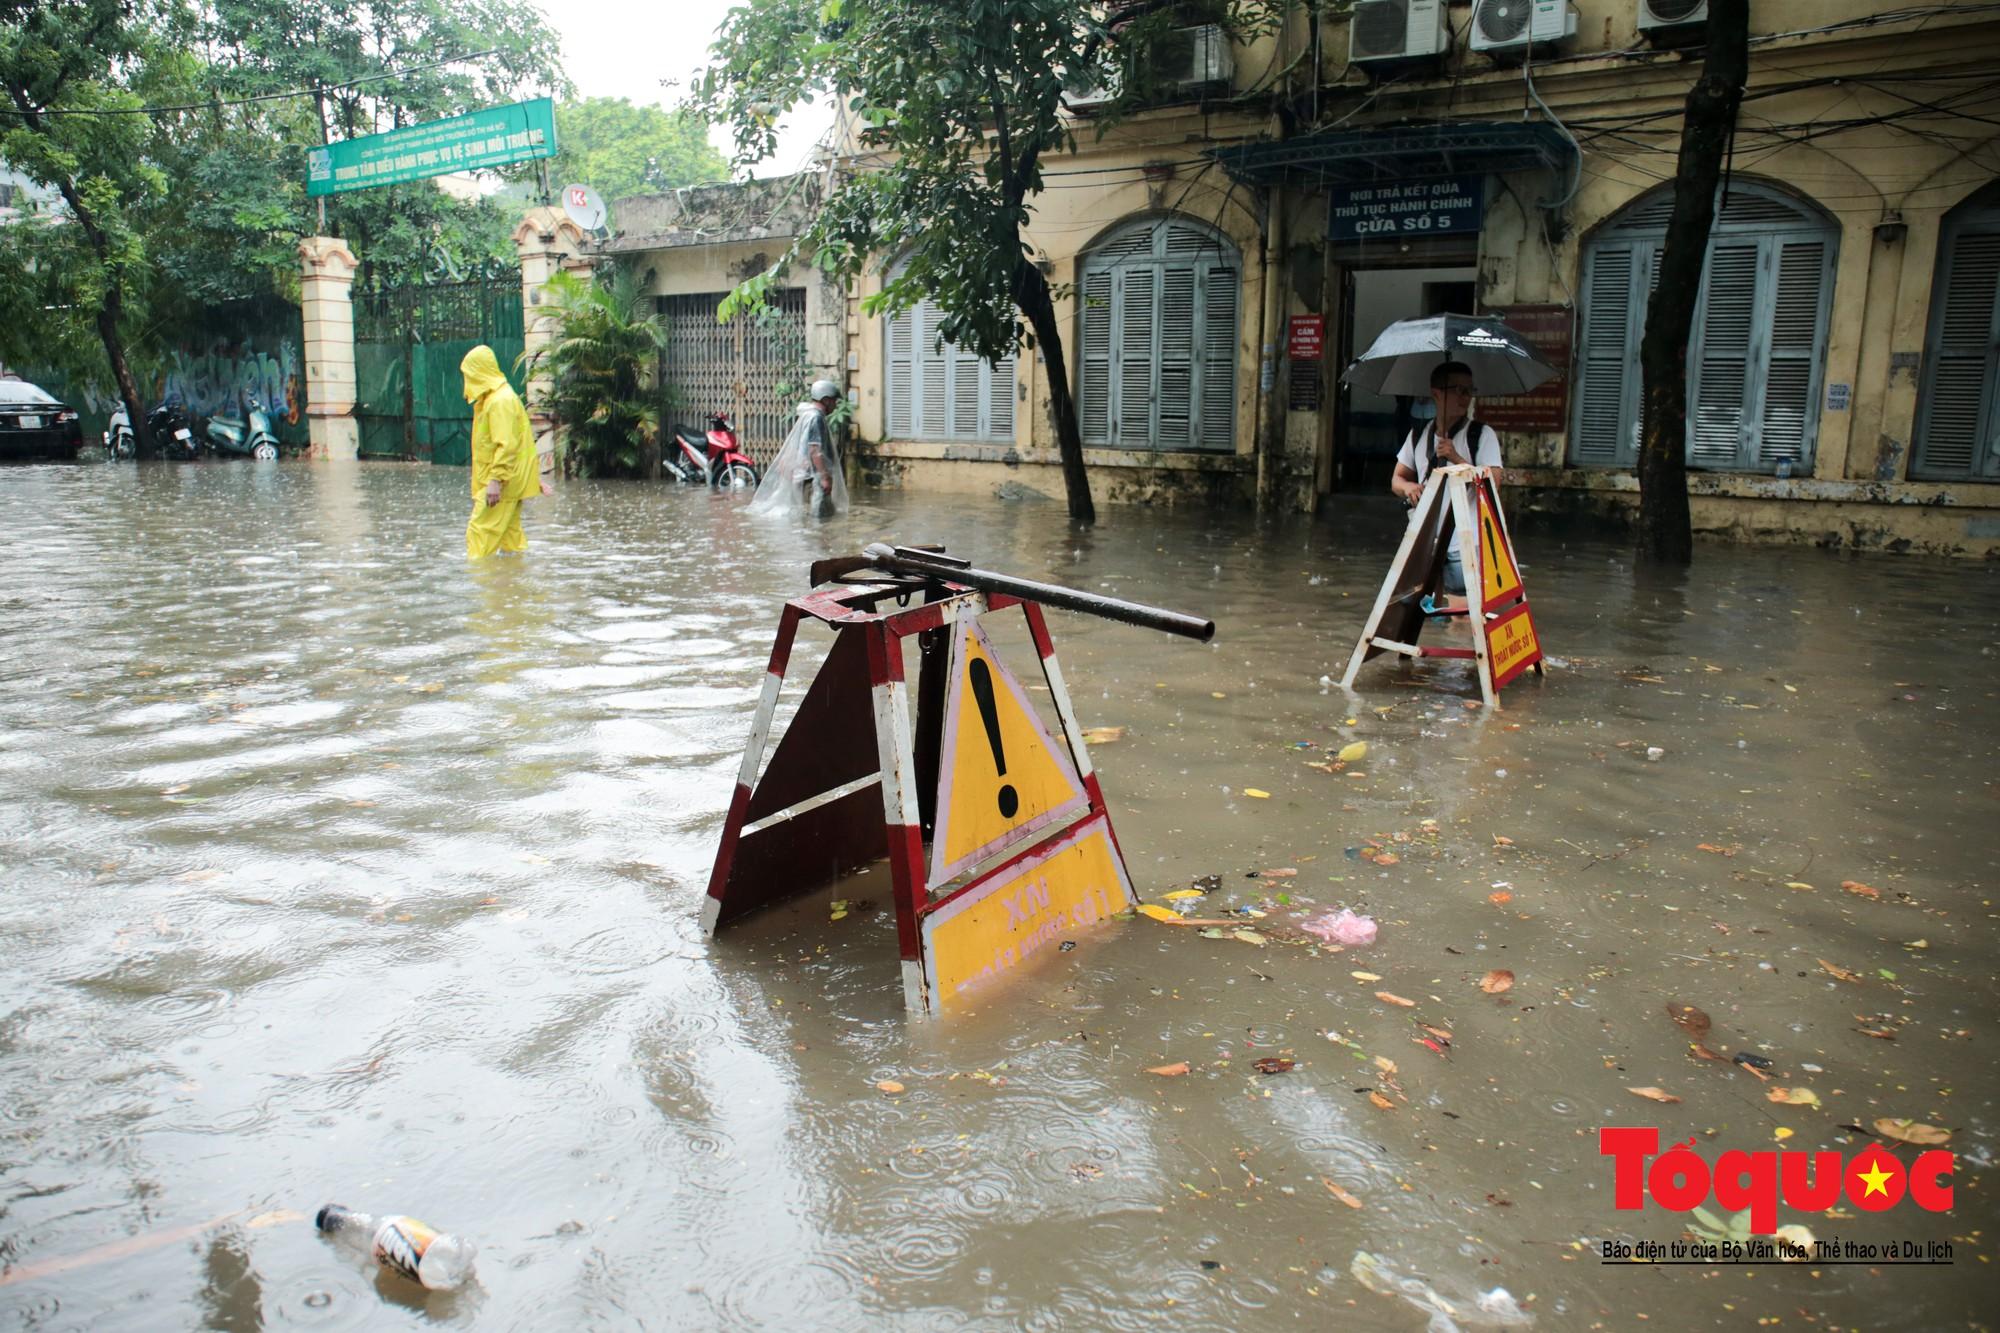 Hà Nội mưa lớn bất ngờ, nhiều tuyến đường lại ngập trong sâu biển nước30